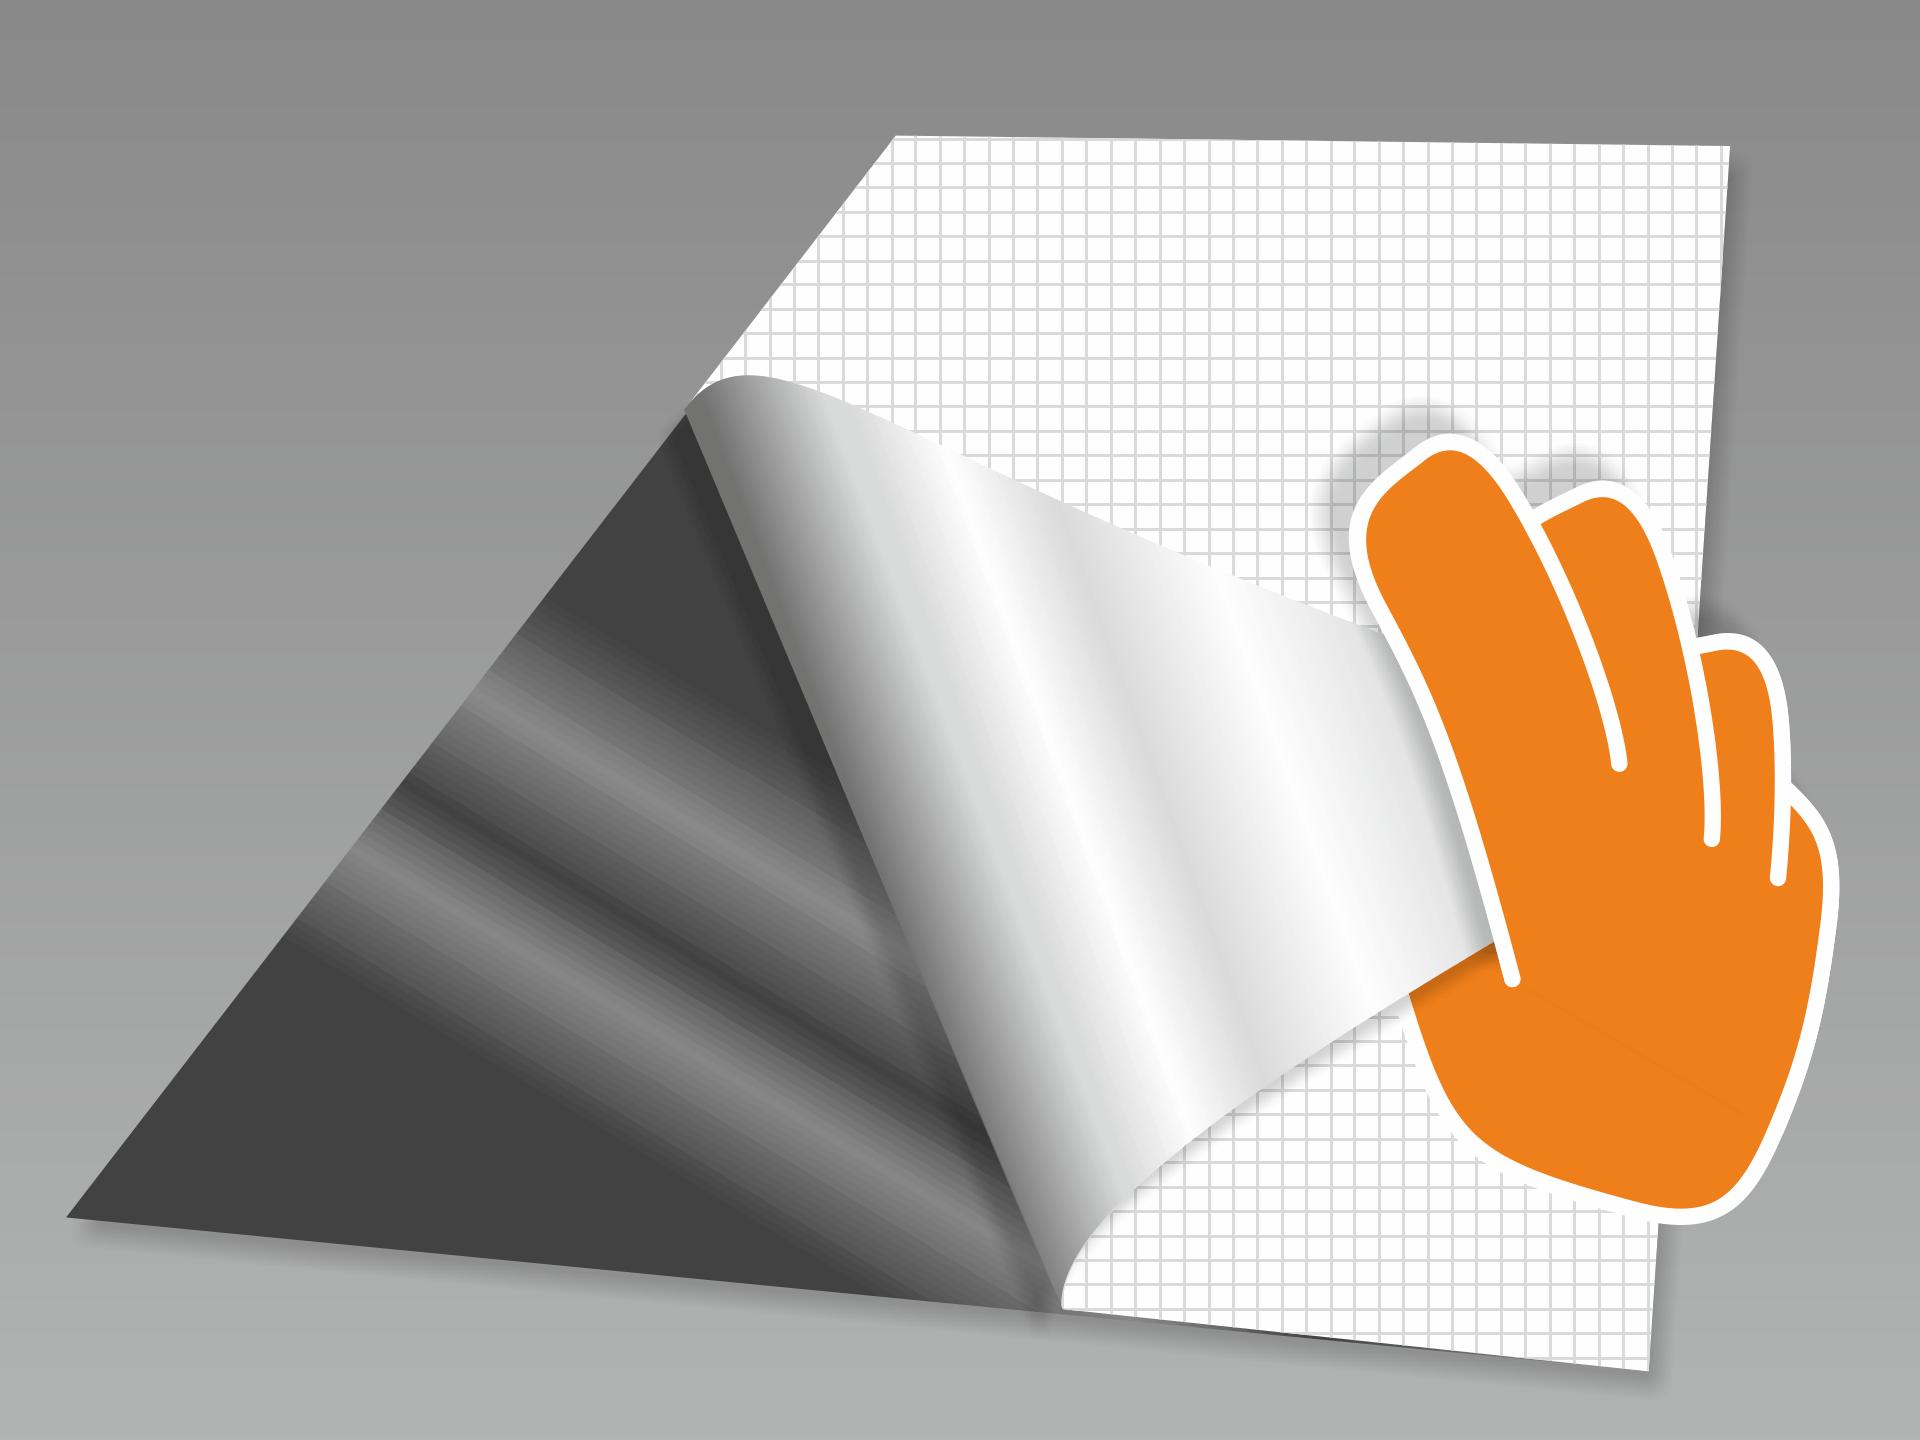 Tafelfolie abnehmen und mit der Tafelfläche nach unten auf einen glatten Untergrund legen. Nun das rückseitige Trägerpapier in flachem Winkel vorsichtig komplett abziehen.